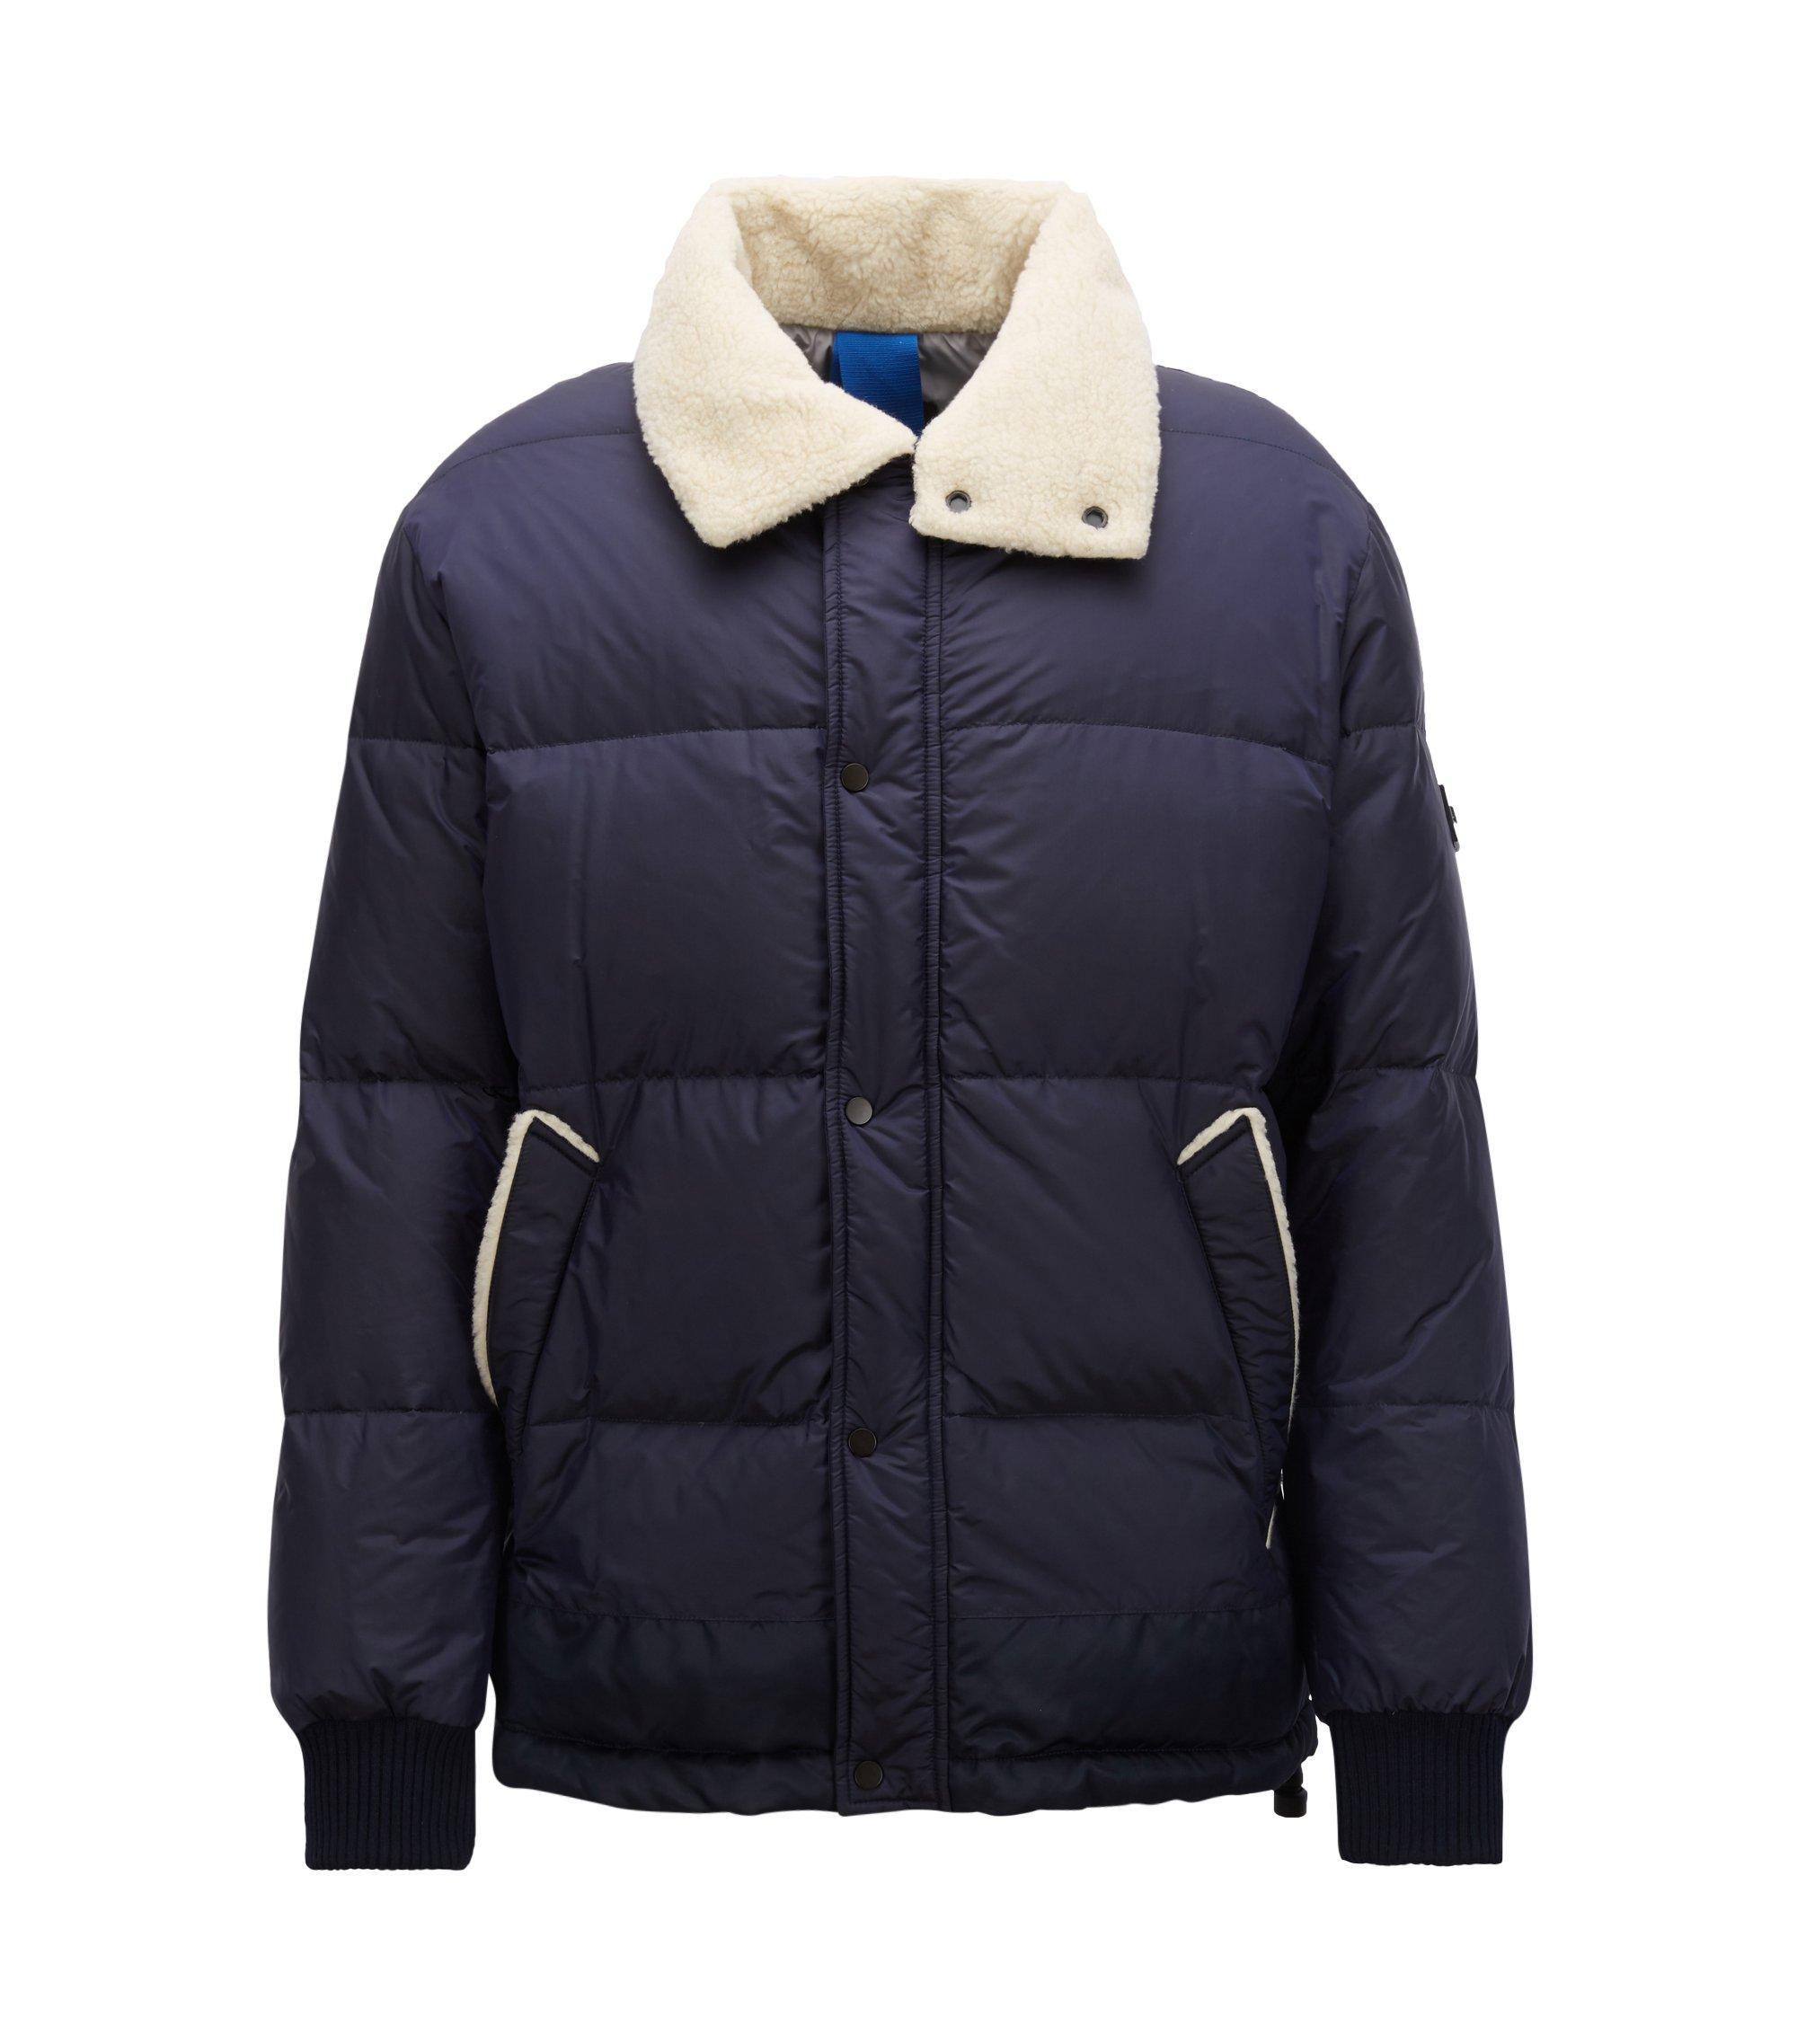 Waterafstotende jas met donsvulling en kraag van badstof, Donkerblauw